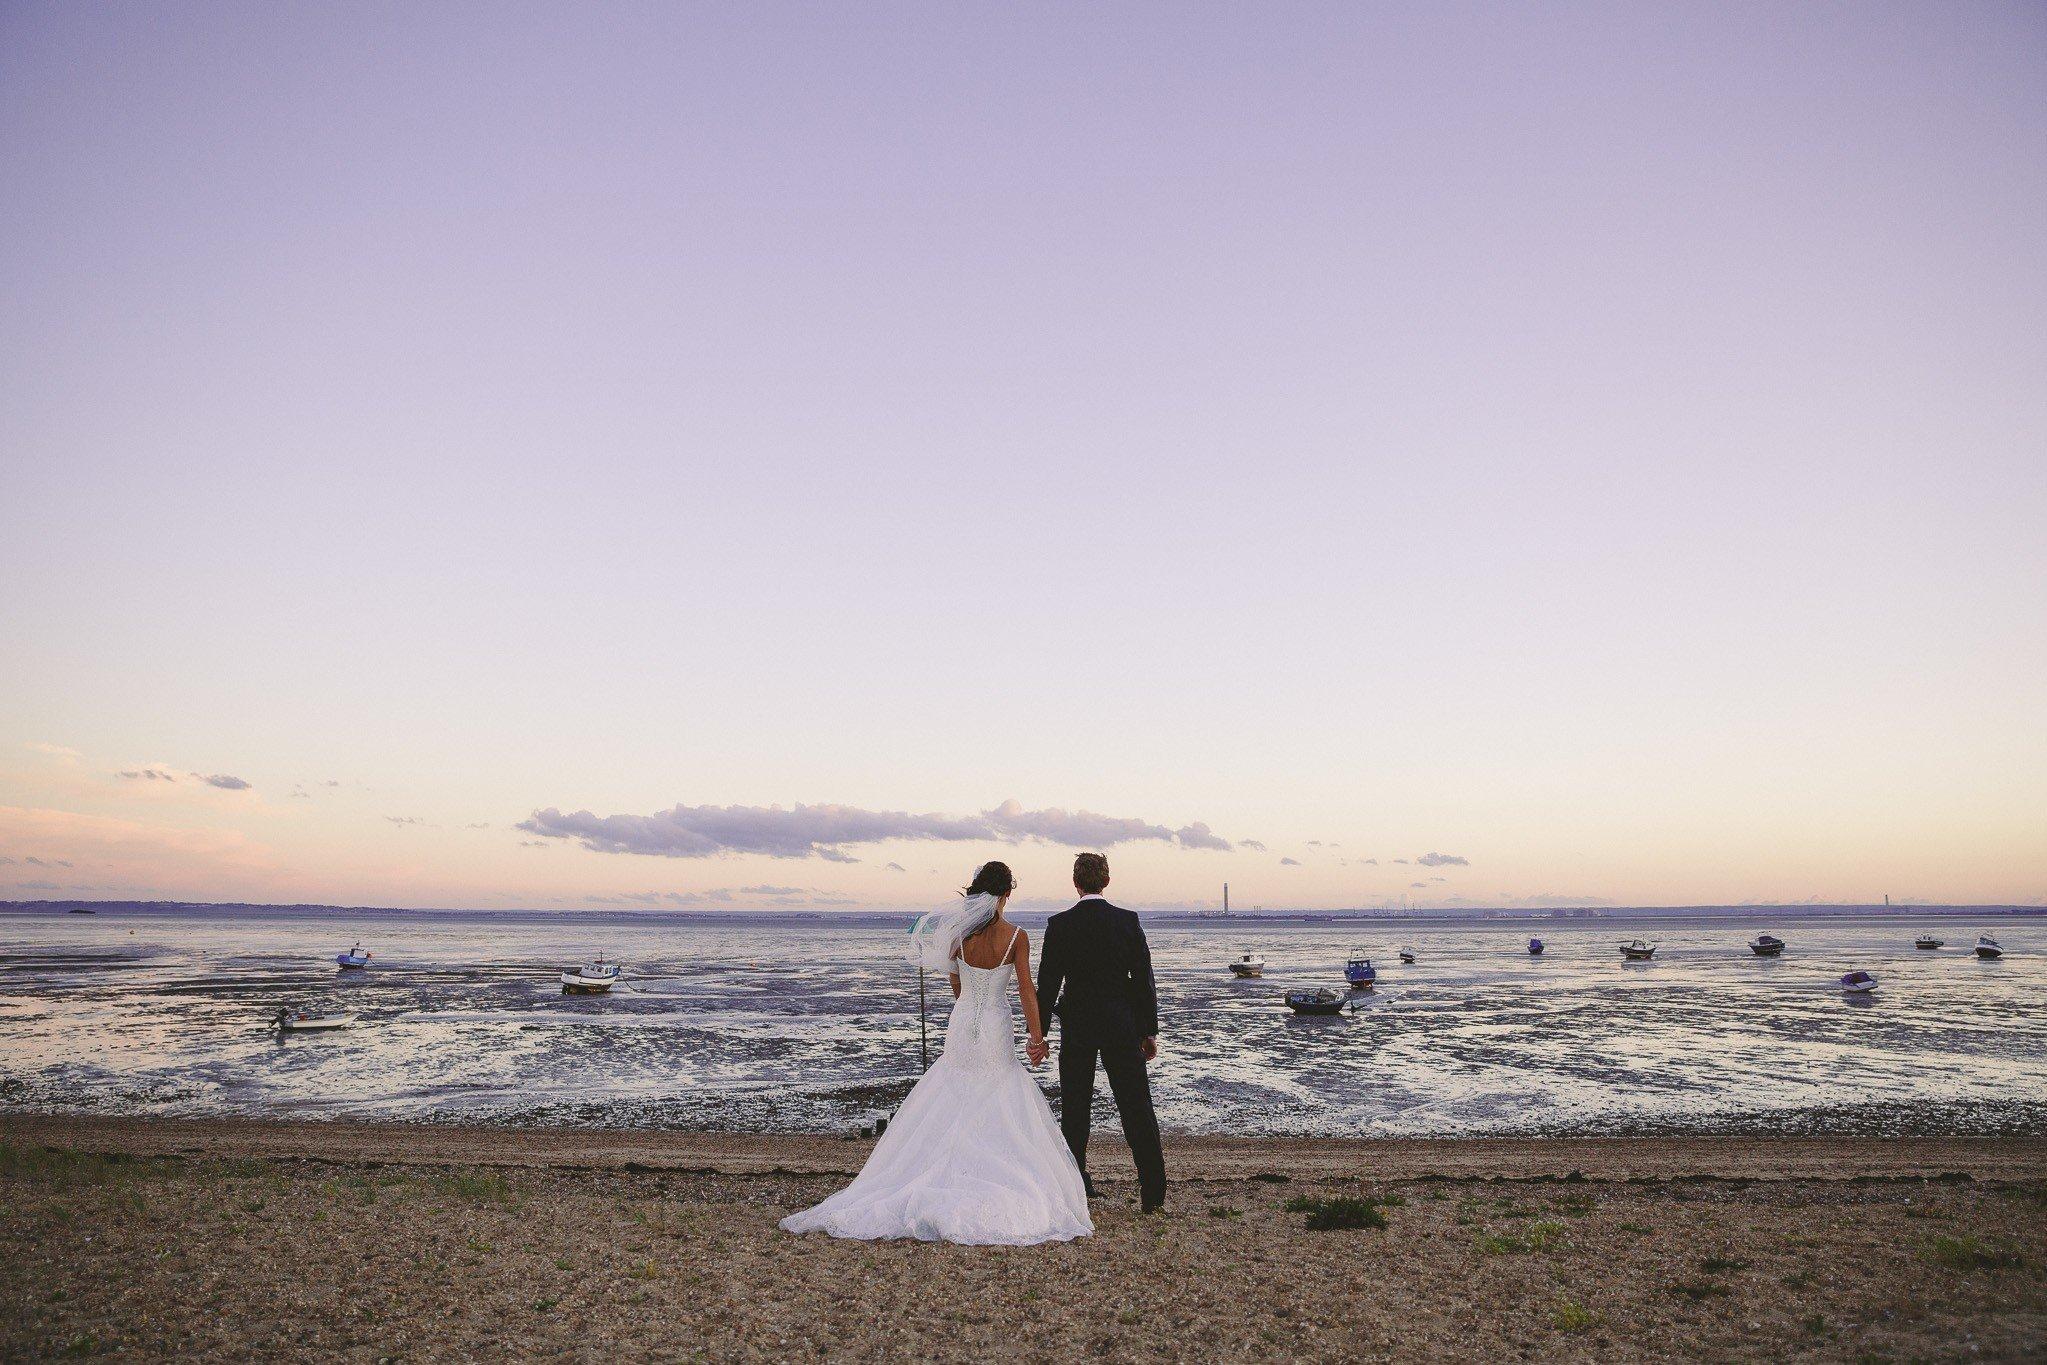 Roslin beach wedding photos